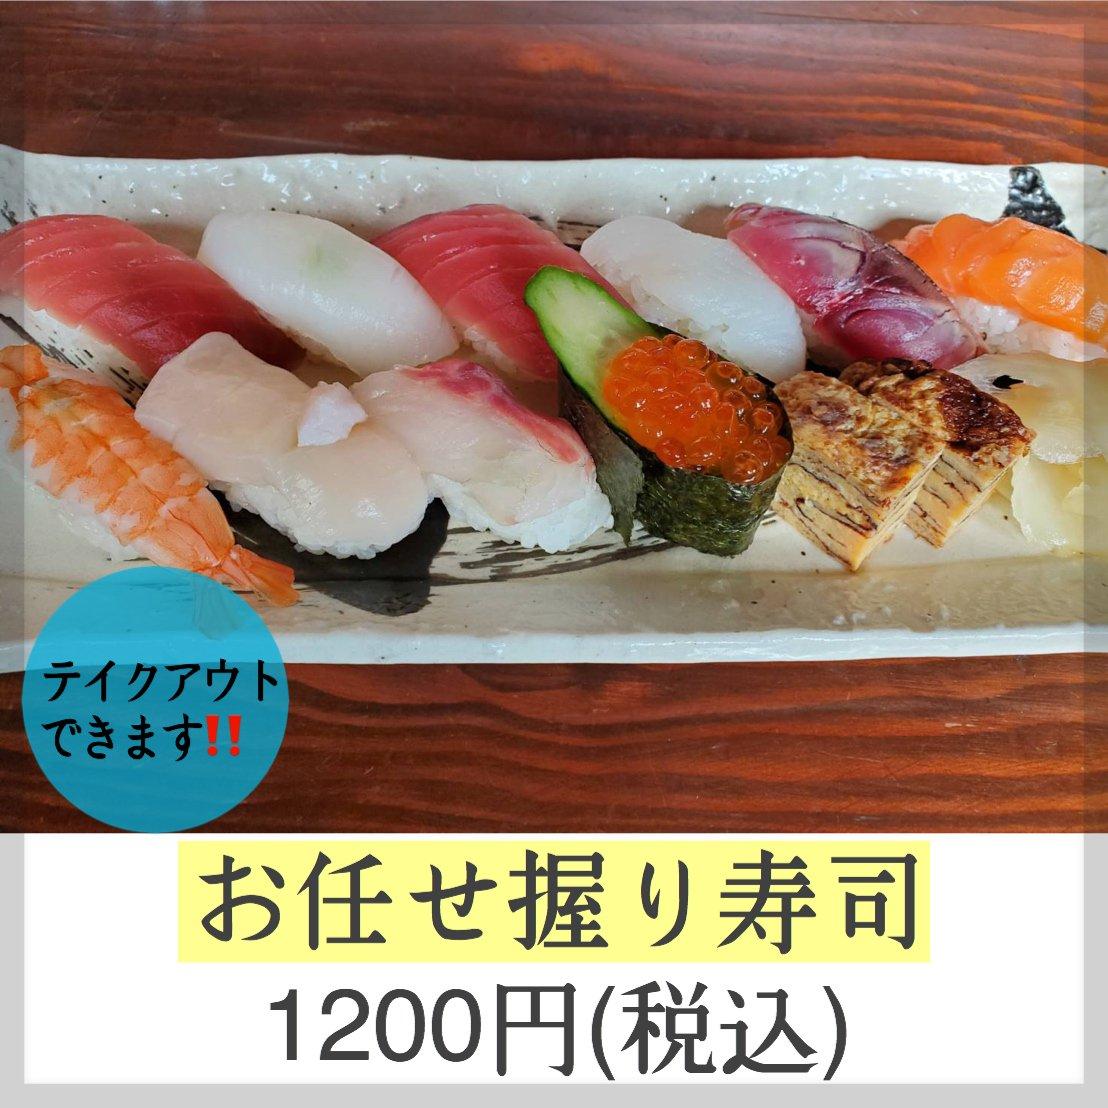 [テイクアウト]お任せ握り寿司1200円のイメージその1